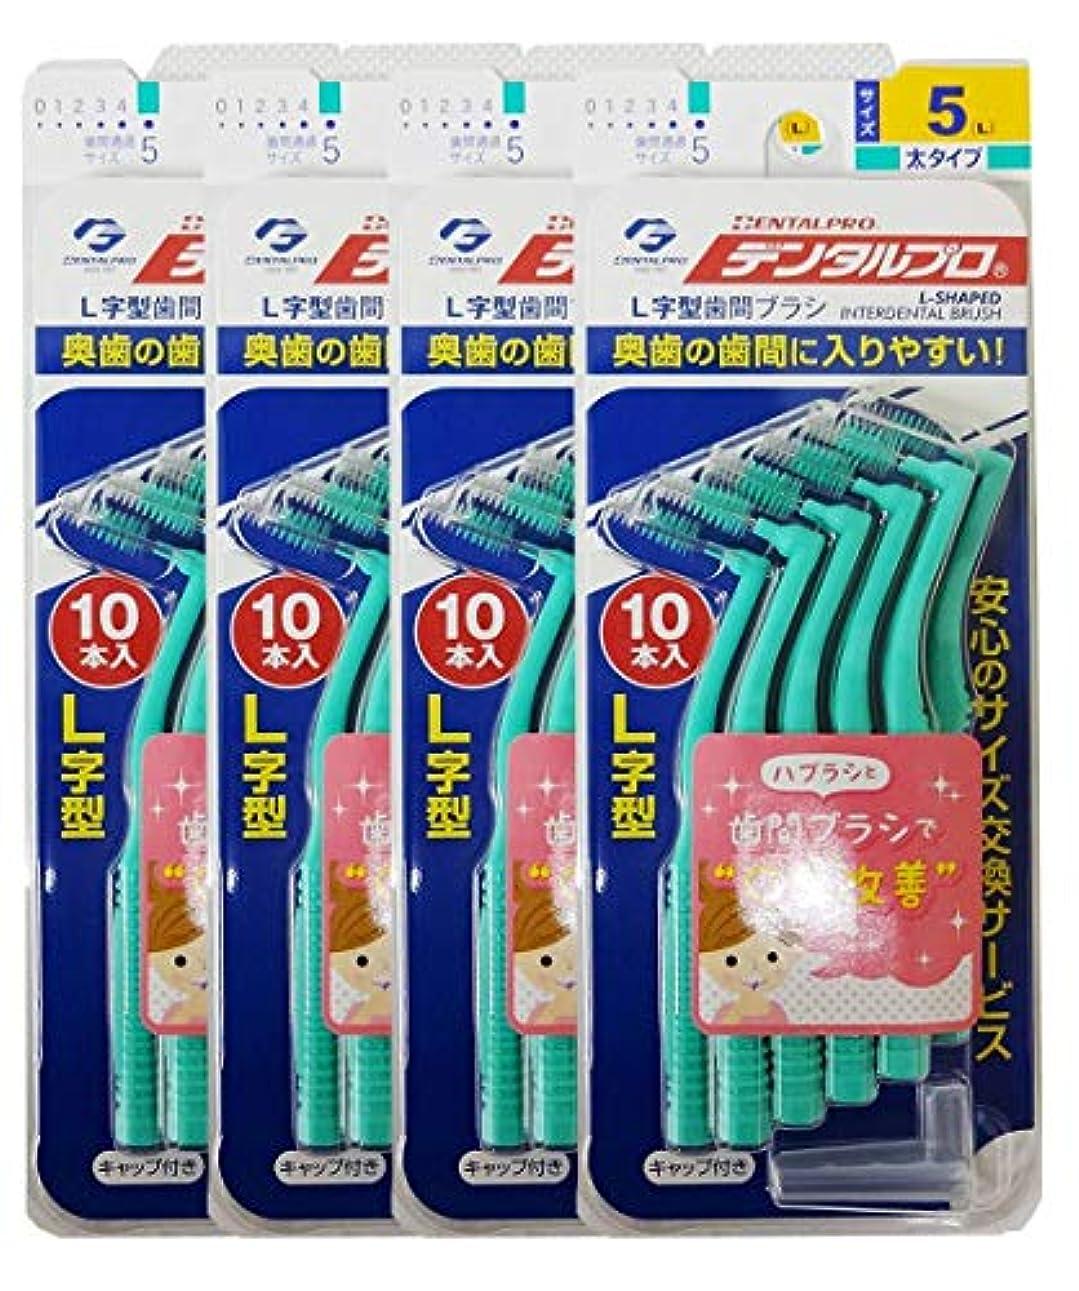 エトナ山ヒール不確実デンタルプロ 歯間ブラシ L字型 サイズ5(L) 10本入り × 4個セット